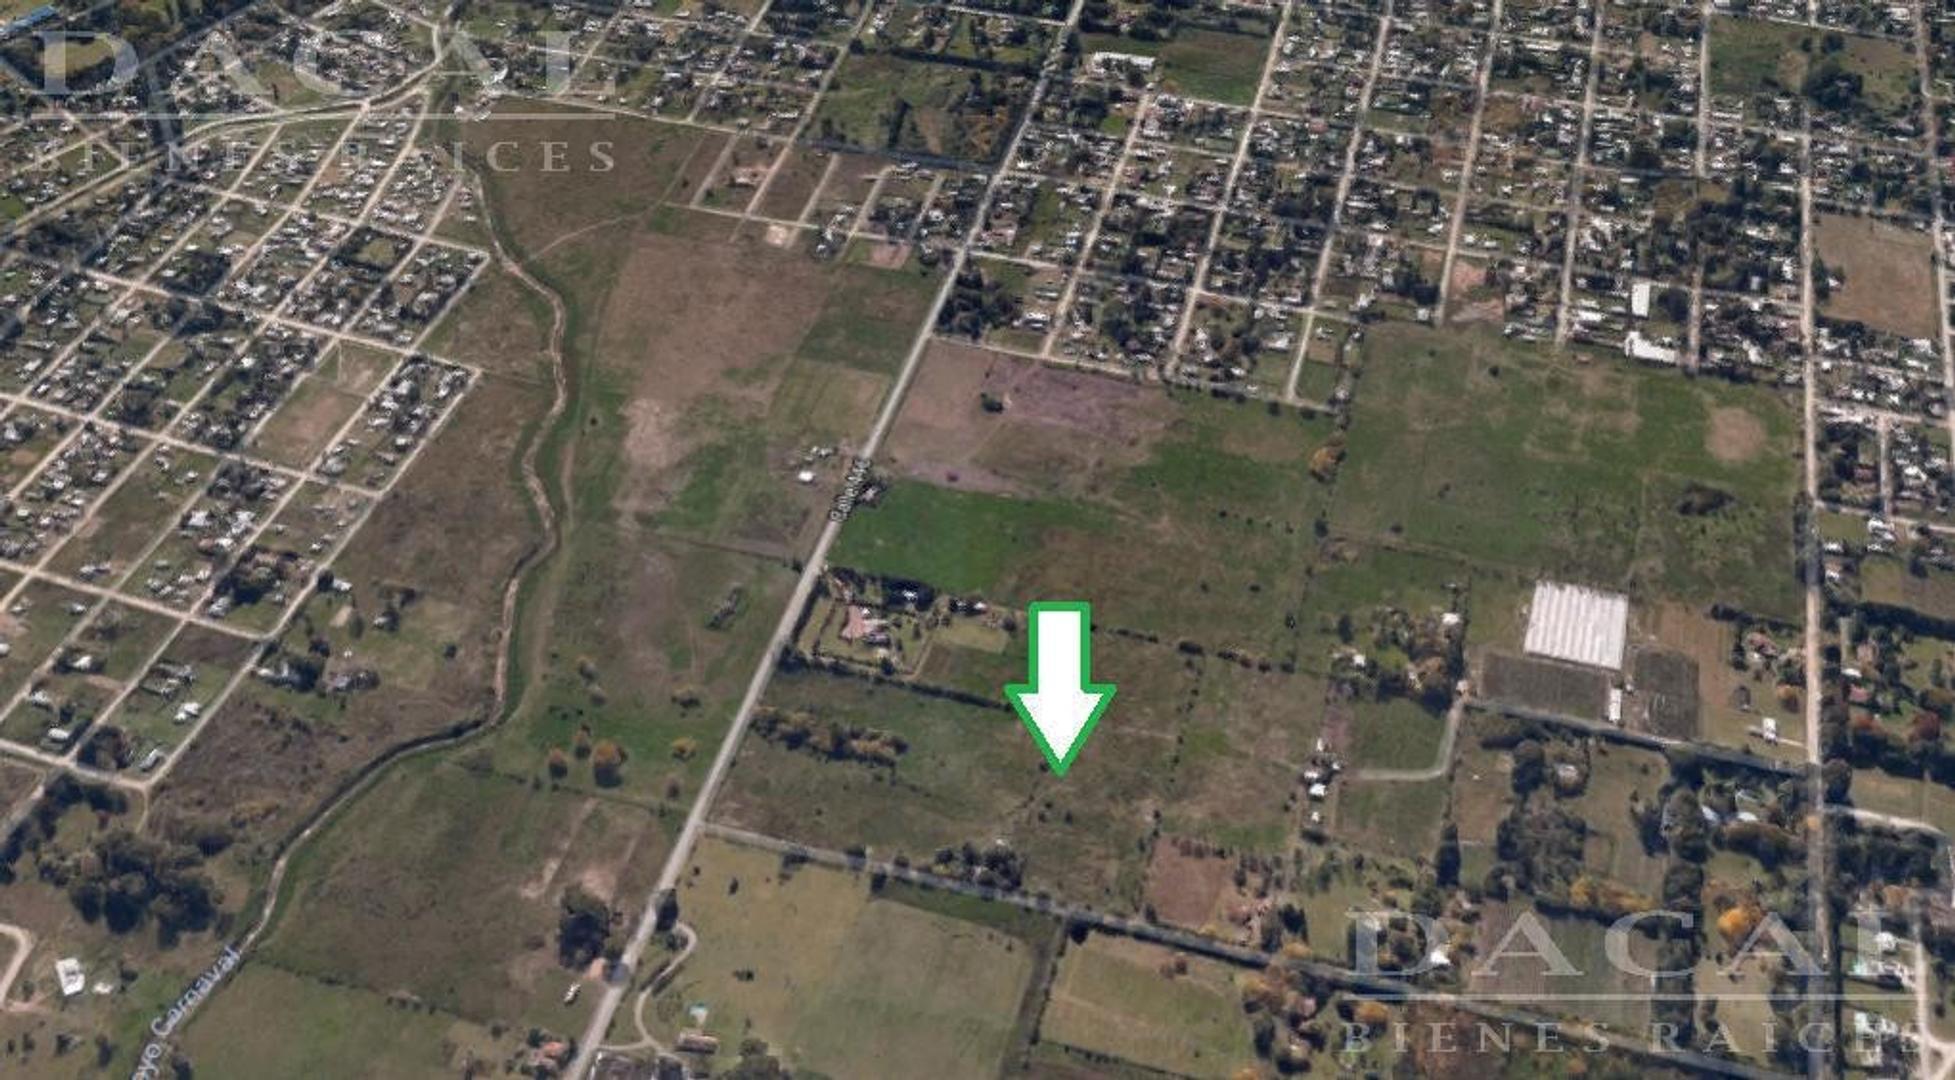 Terreno en venta en  City Bell calle 446 y 135 Dacal Bienes Raices